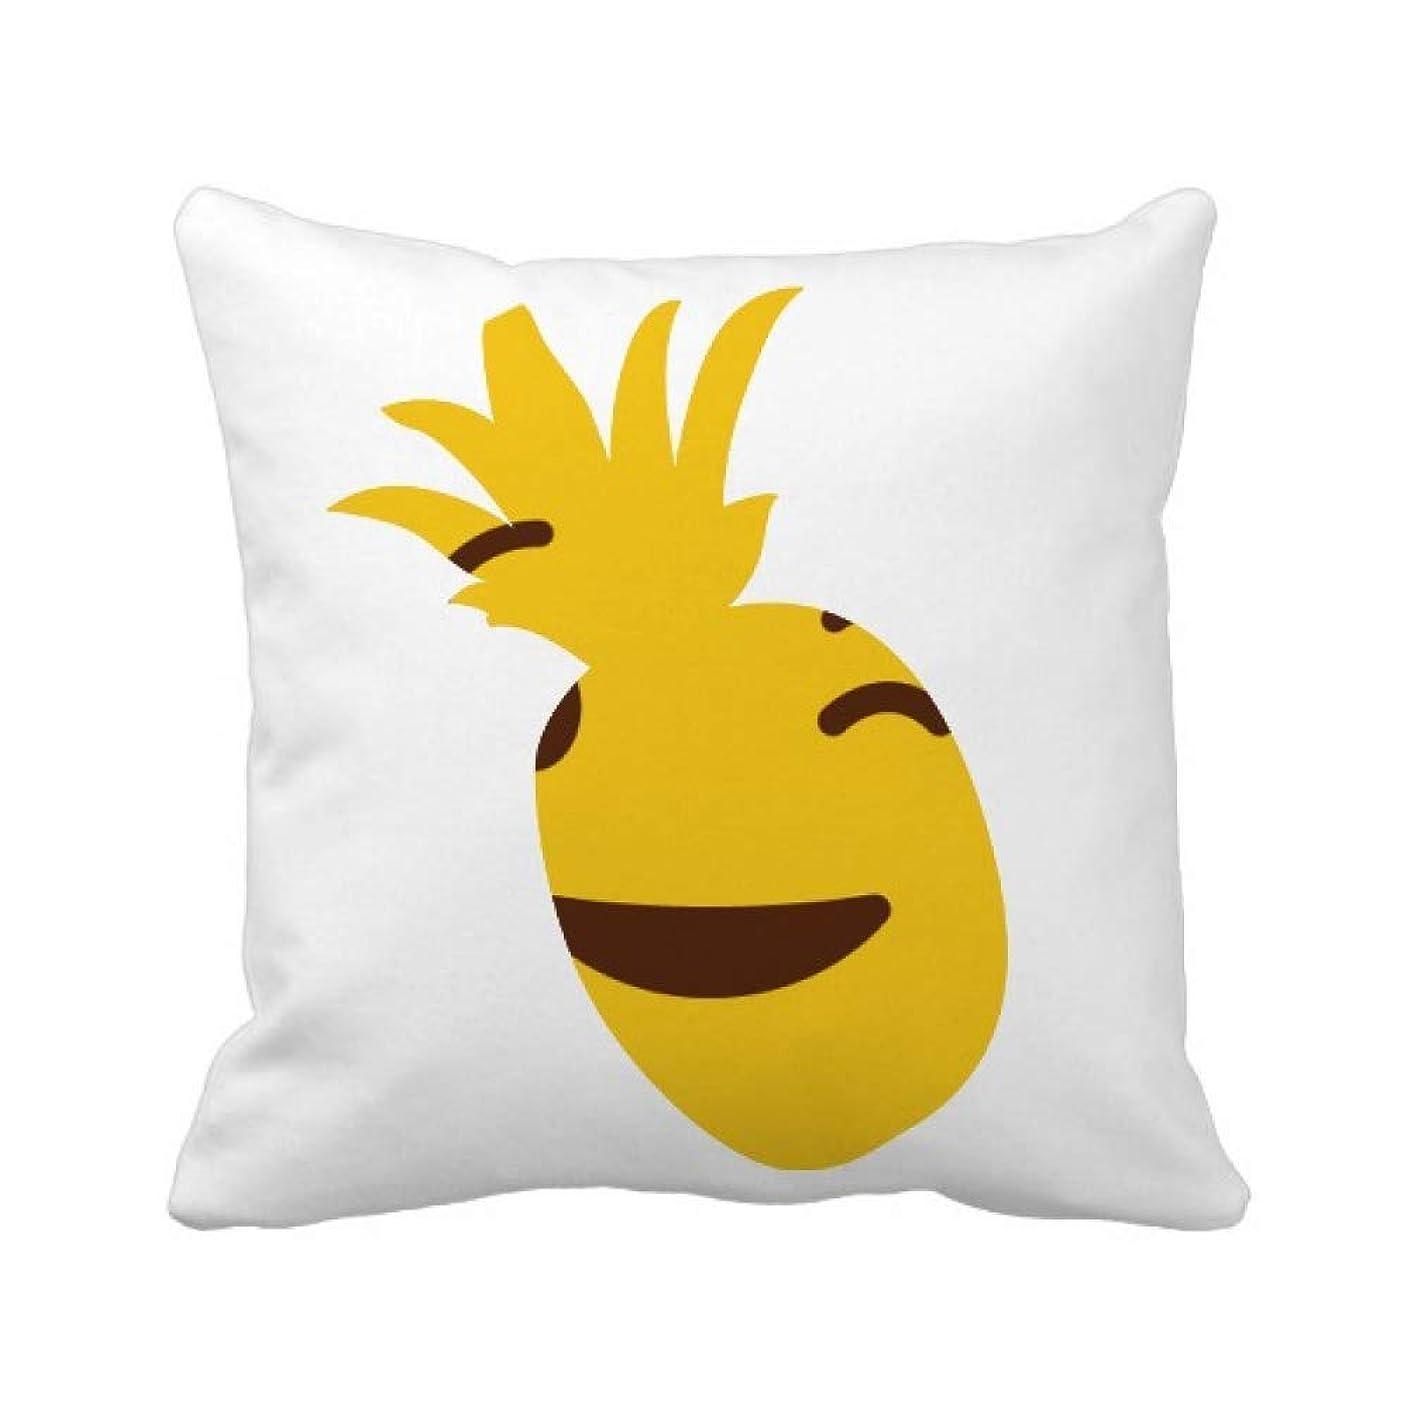 ダーベビルのテスなぜ現実にはまばたき笑顔絵文字イラストパターン パイナップル枕カバー正方形を投げる 50cm x 50cm